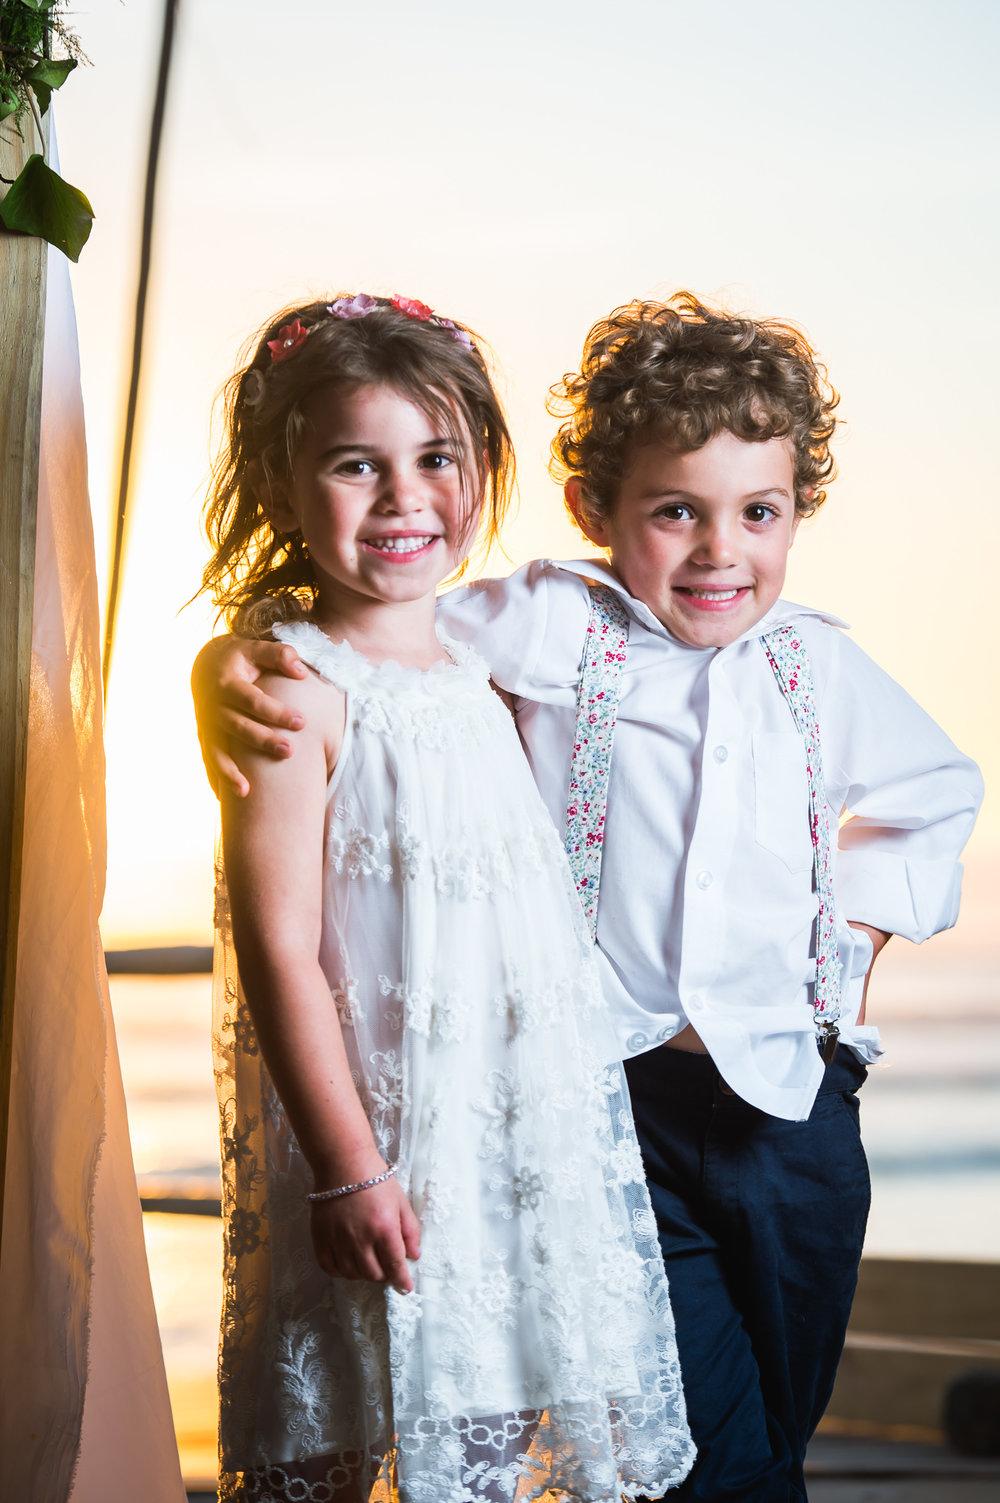 Josh and Debbie Yzerfontein Wedding - Sneak Peak (24 of 36).jpg